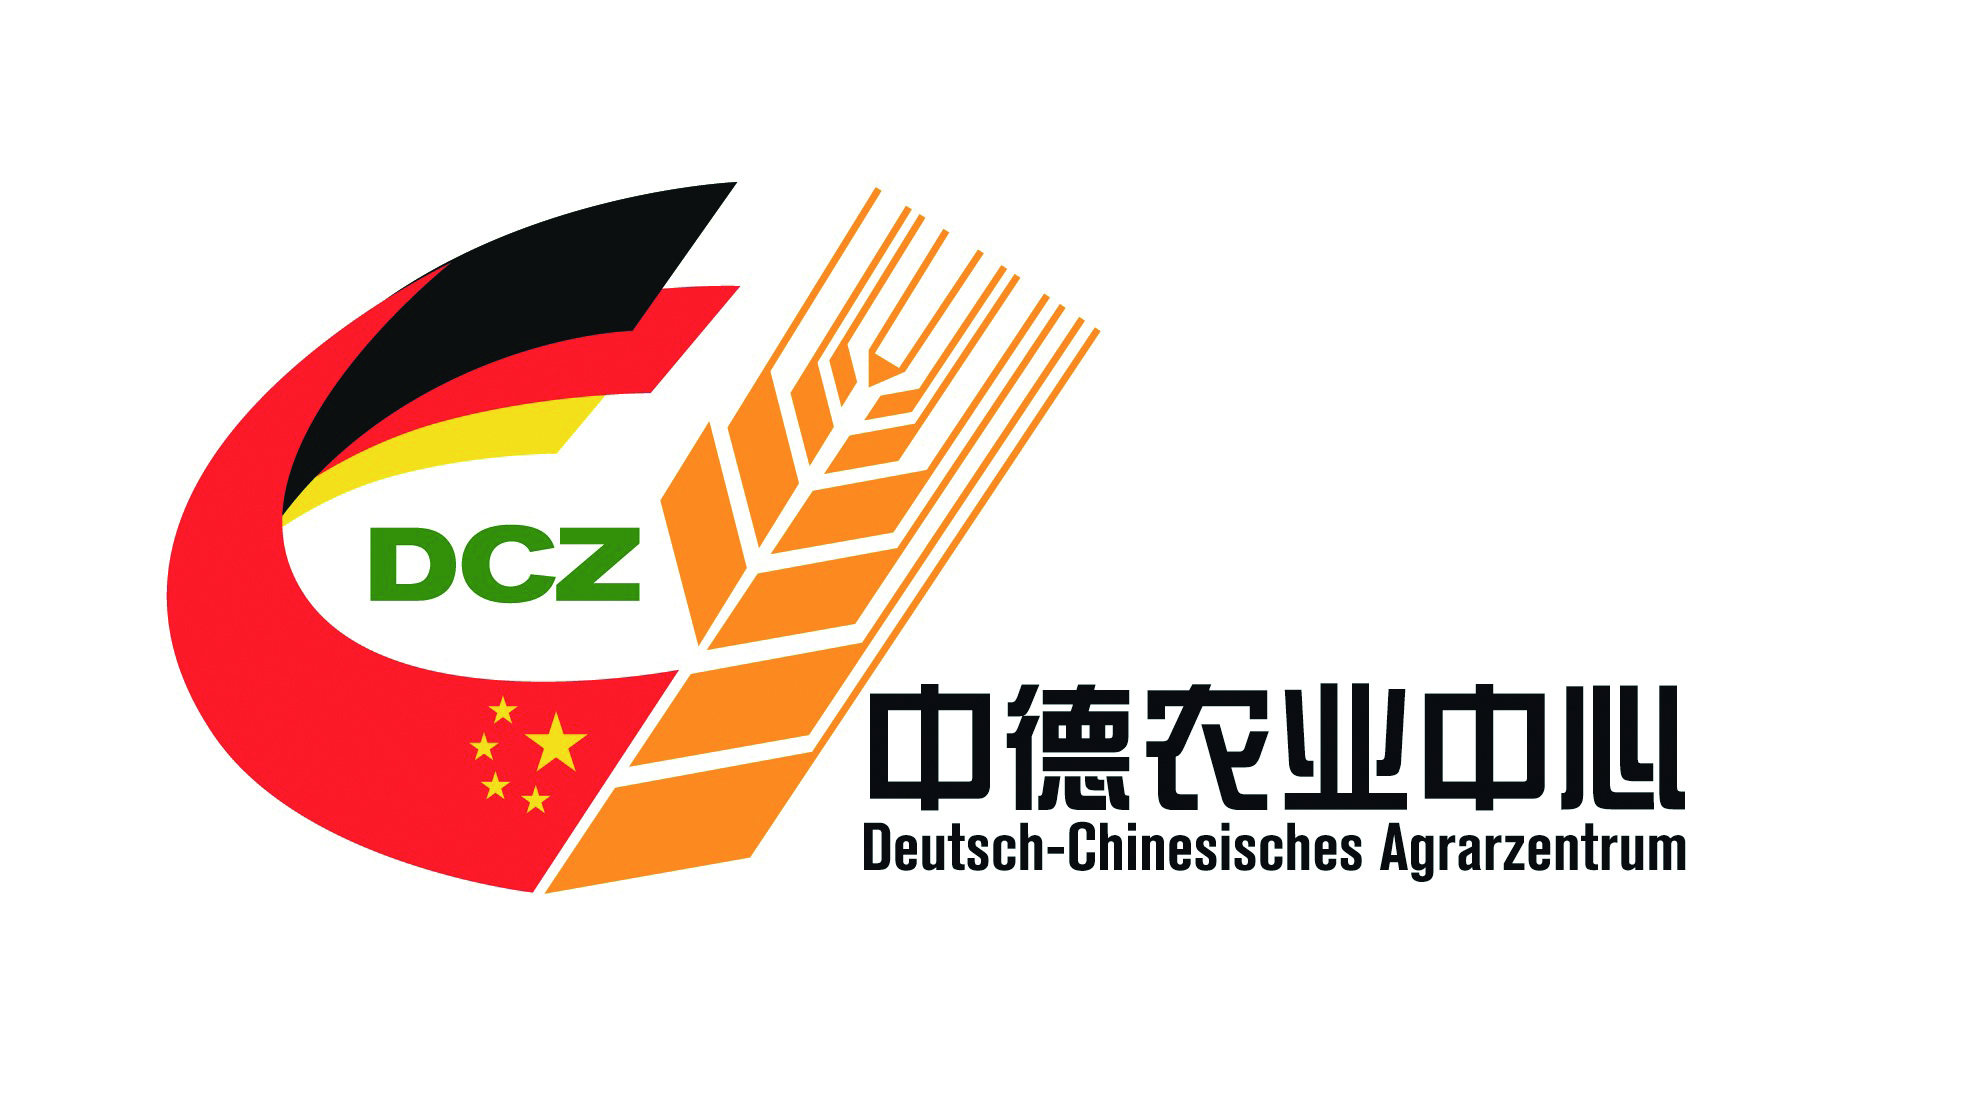 DCZ logo